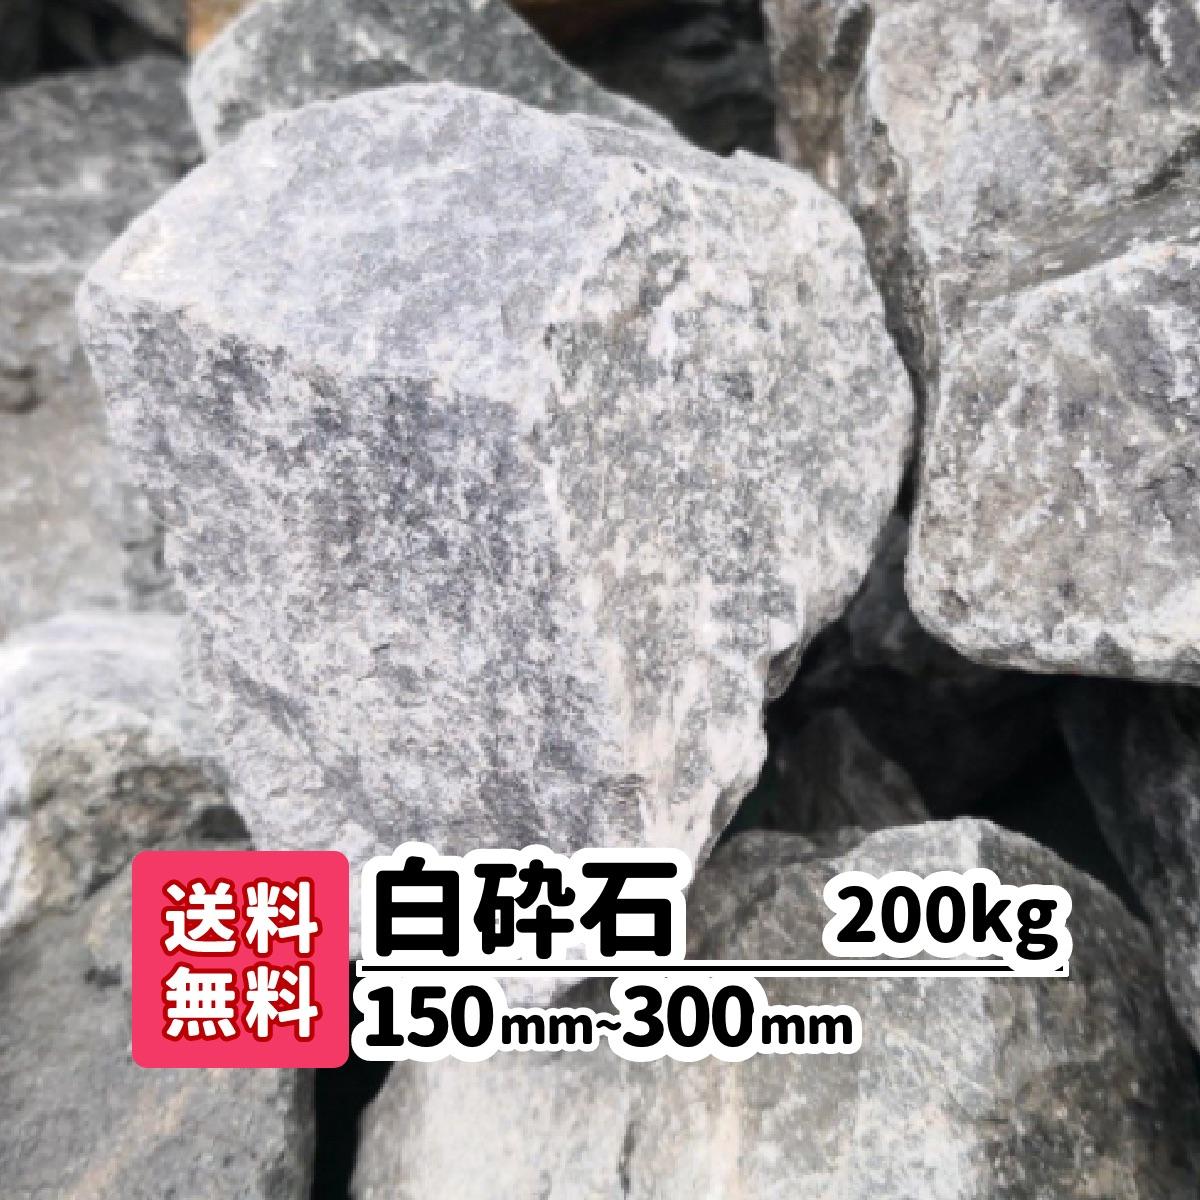 【送料無料】200kg ロックガーデン白砕石 150mm~300mm(20kg×10)庭 アプローチ おしゃれ ガーデニング アクアリウム 白い石 砂利 大きい石 イングリッシュガーデン 花壇 似合う 水槽 メダカ 熱帯魚